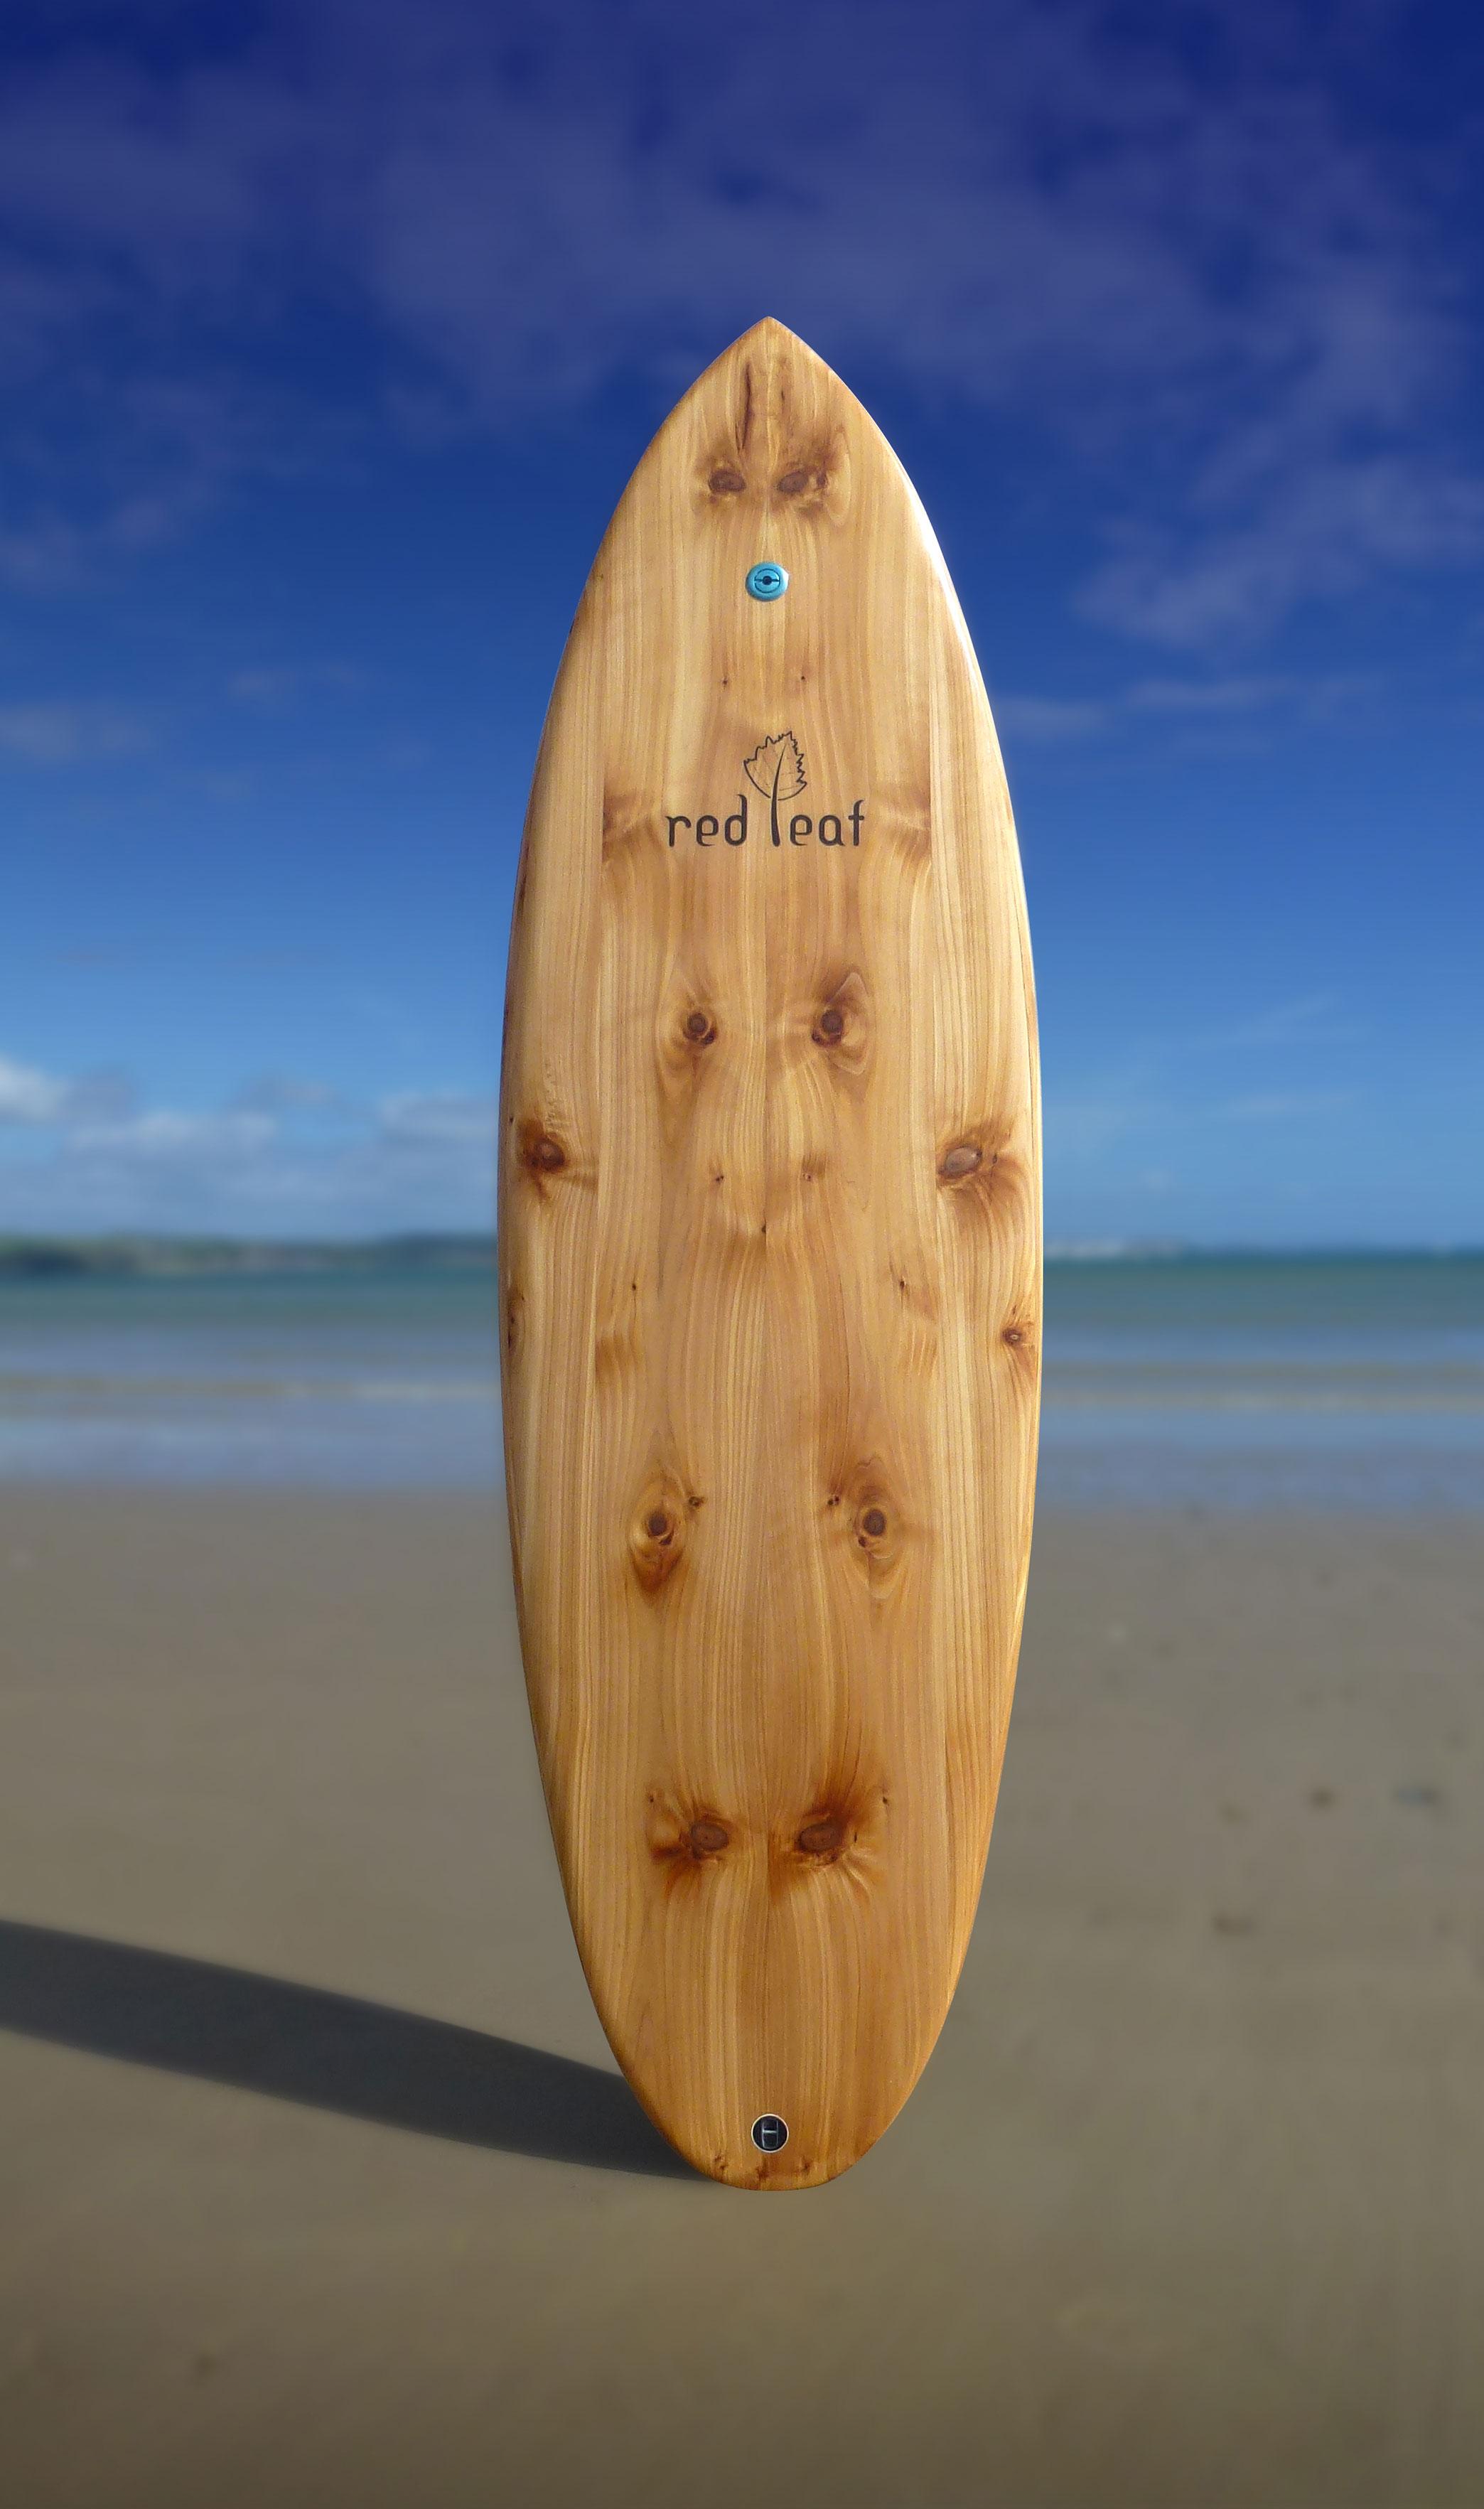 baked bean wooden surfboard